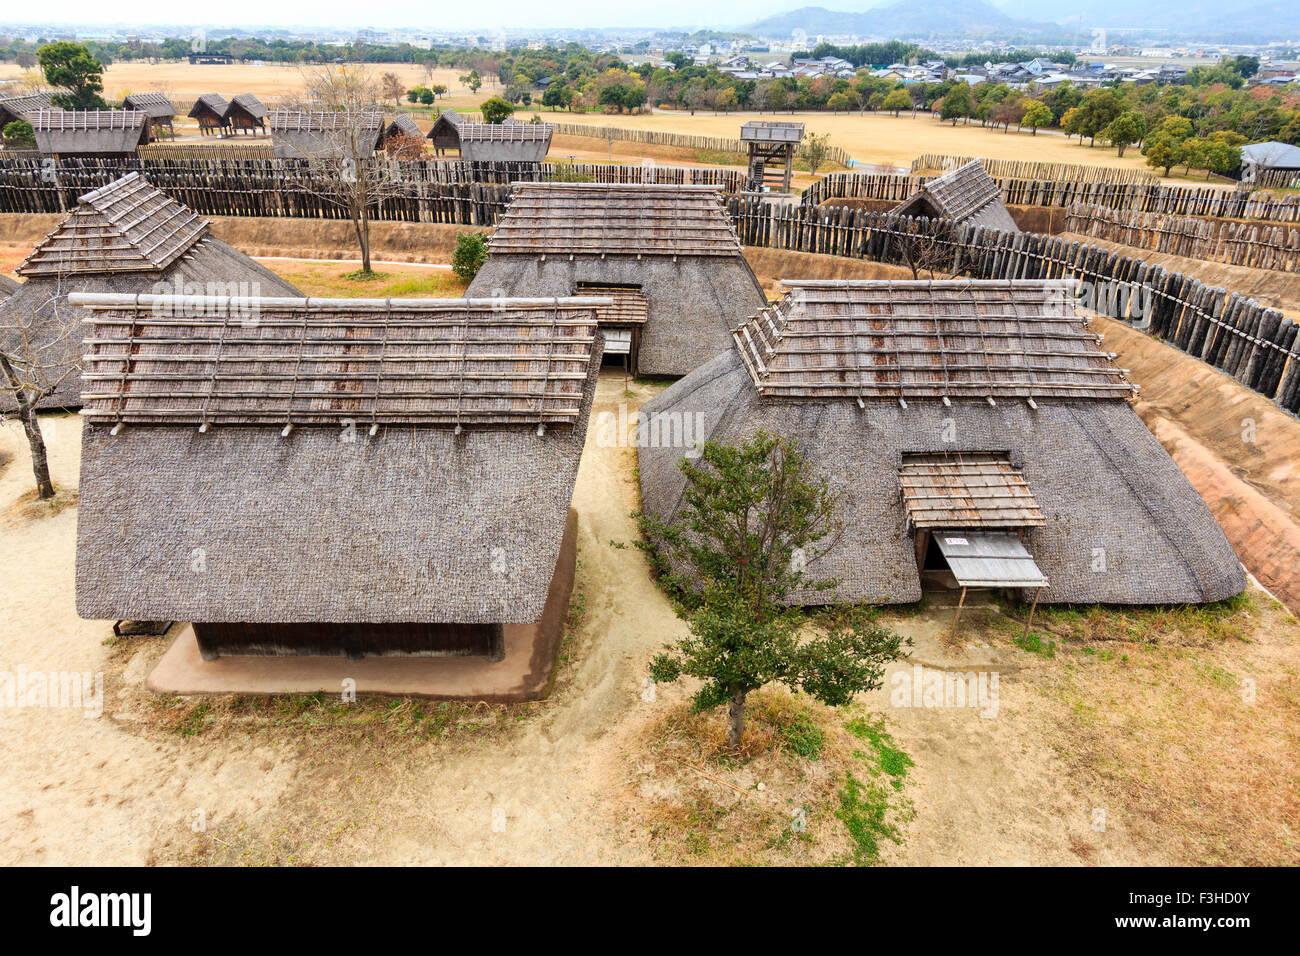 Yoshinogari Park. Yayoi settlement. Minaminaikaku rulers area. Houses and storehouses - Stock Image